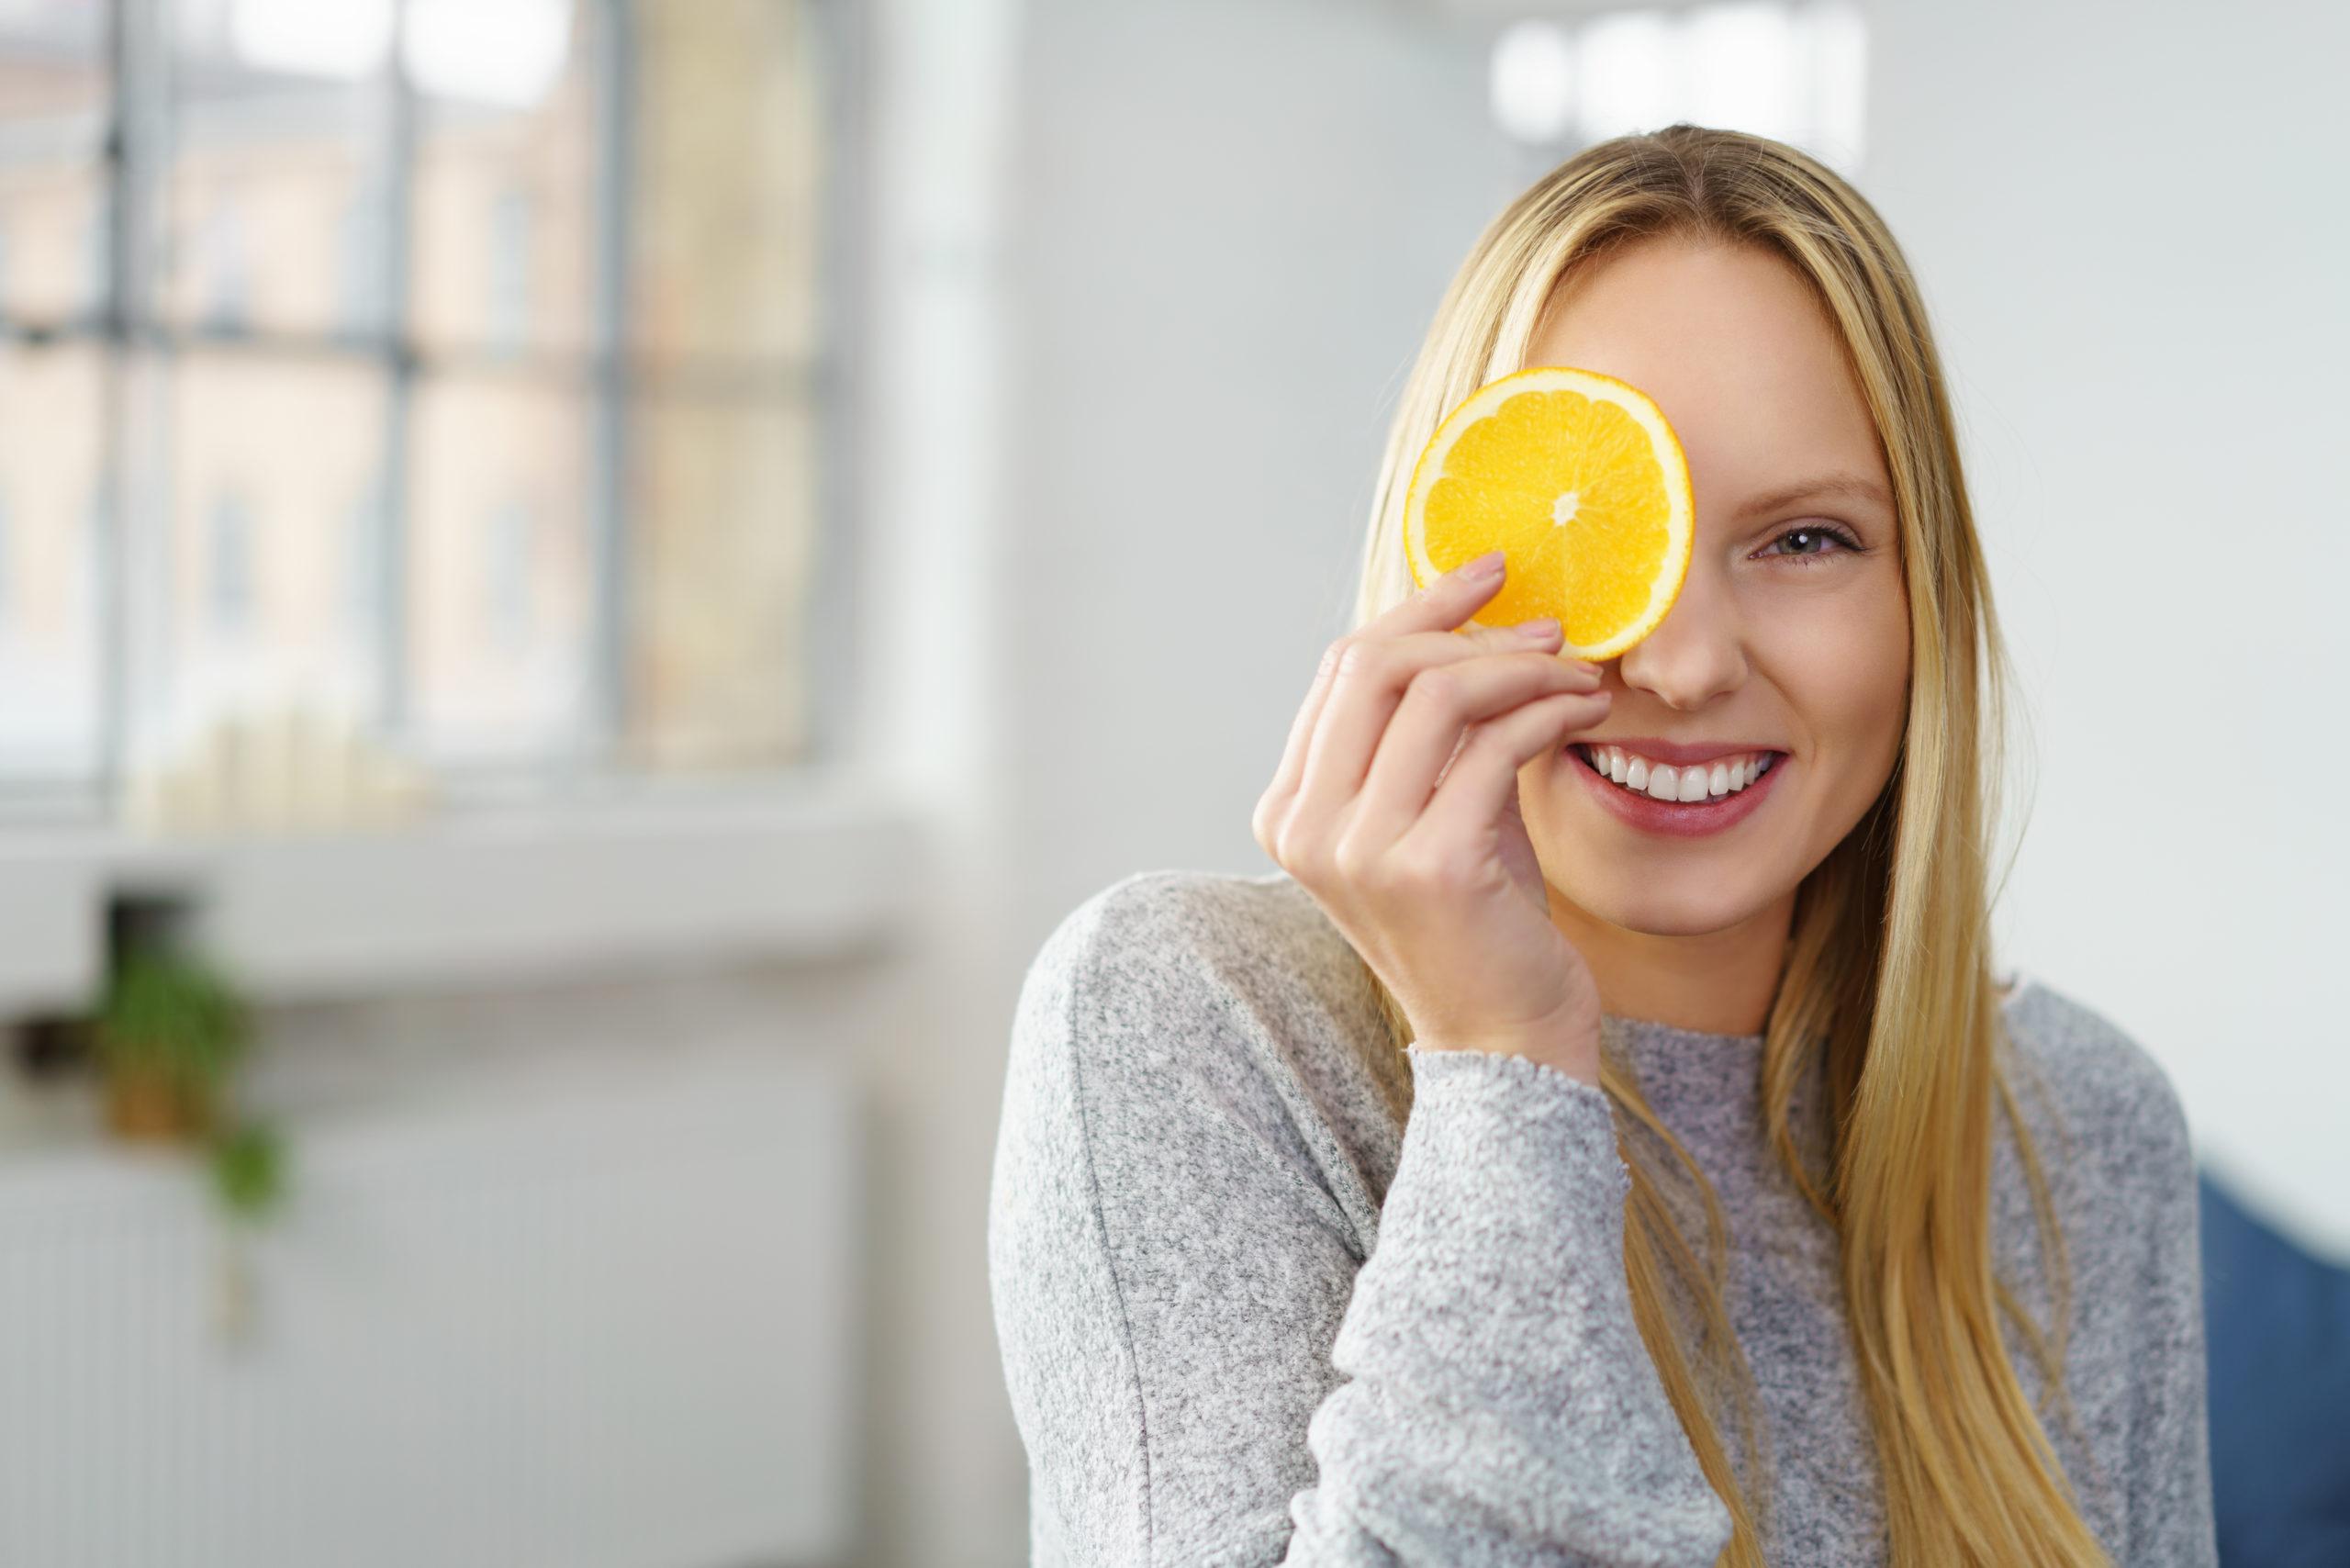 Immunsystem stärken: eine lachende Frau hält sich mit einer Hand eine Orangenscheibe vor ein Auge.